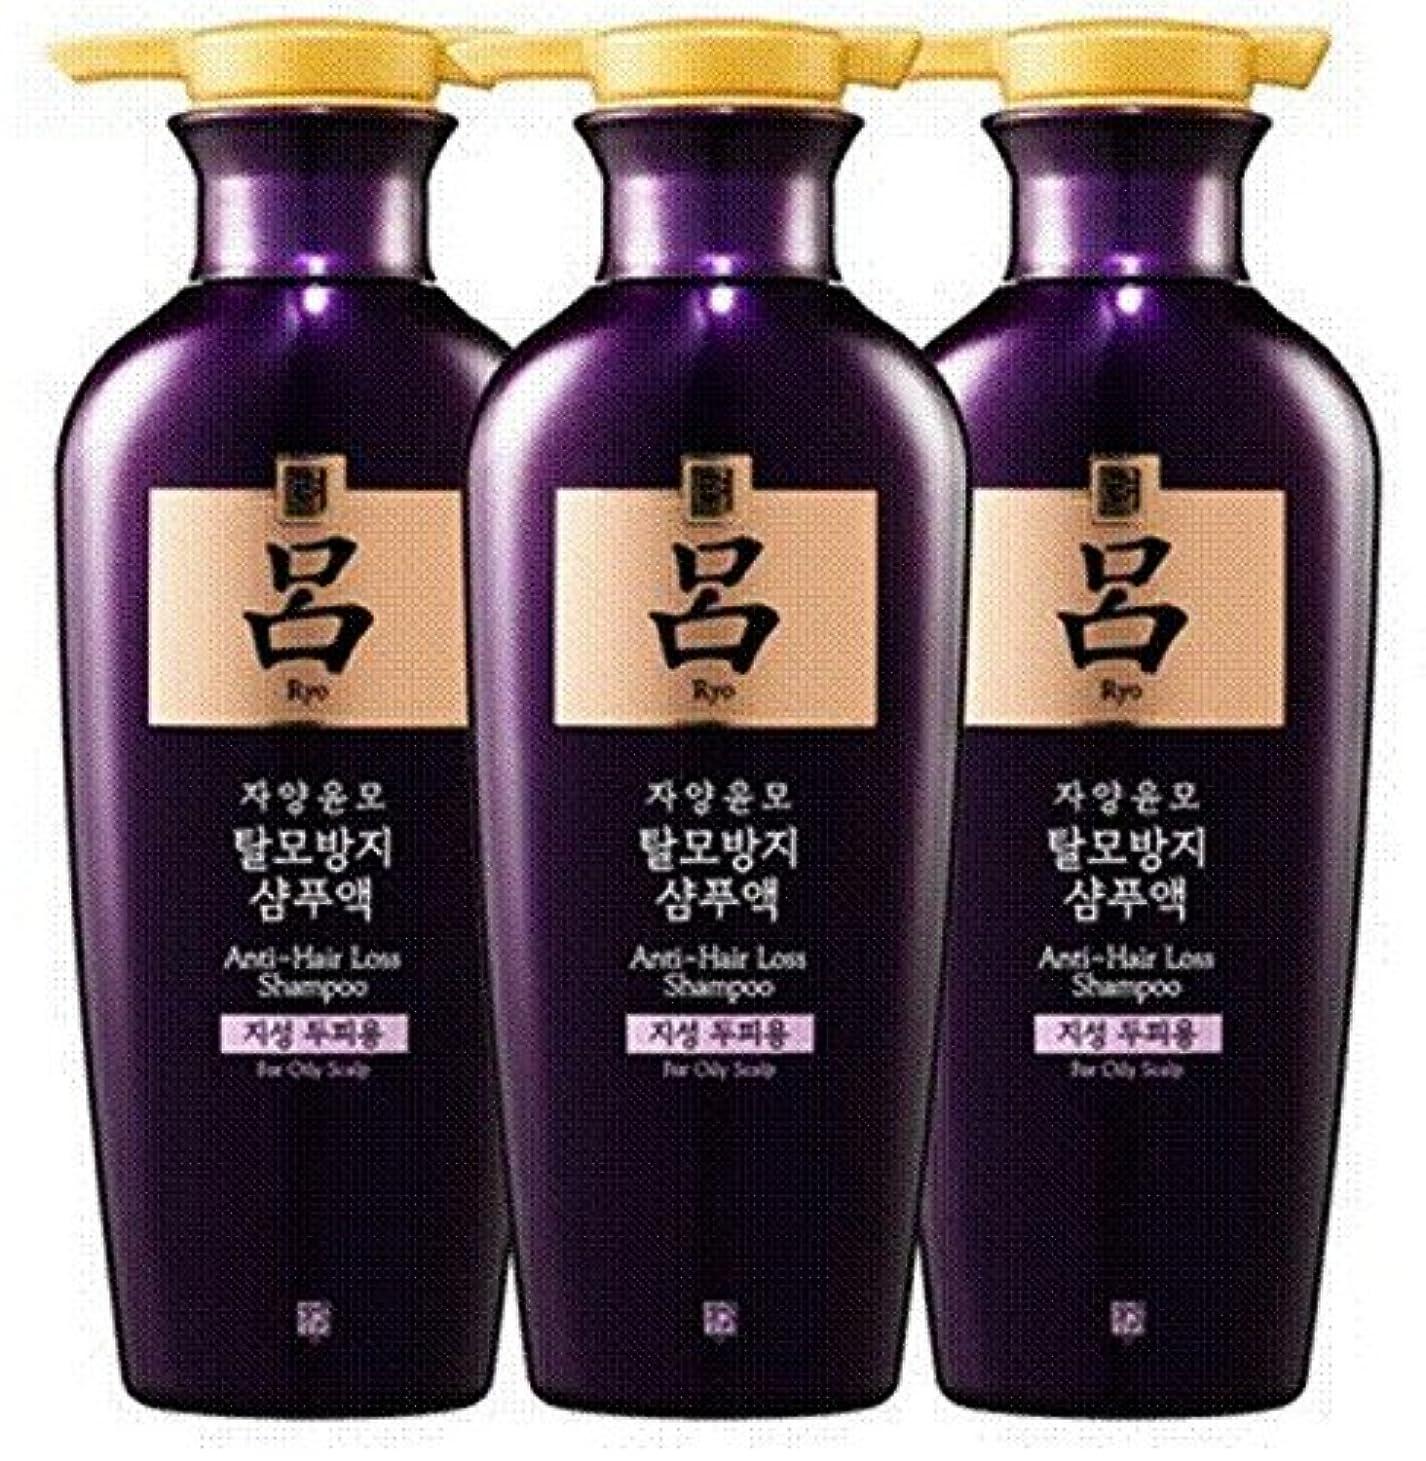 インデックスプラスクスクスの脱毛防止シャンプー(アモーレパシフィック)呂 う者ヤンユンモ脱毛防止シャンプー脂性頭皮用RYO Anti Hair Loss Shampoo400ml X3(海外直送品)[並行輸入品]